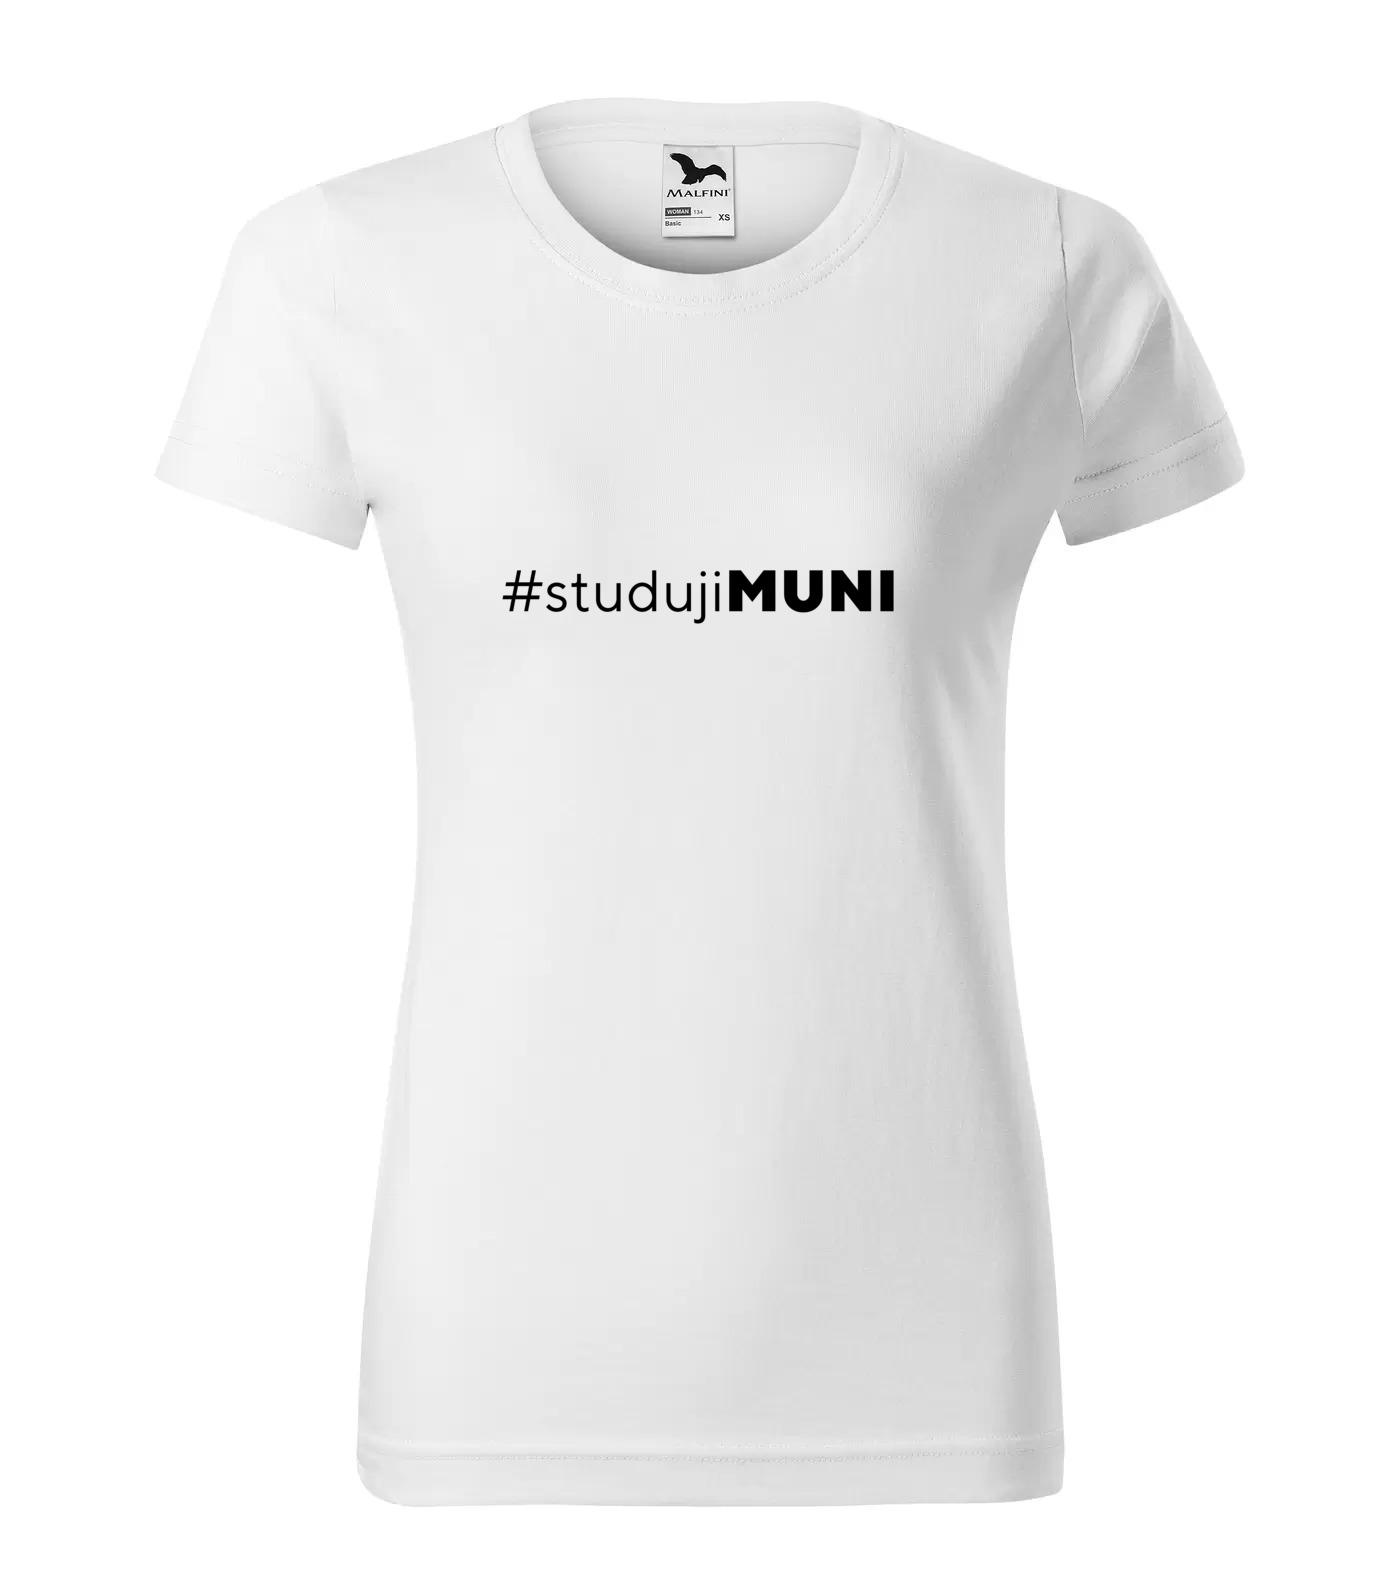 Tričko pro vysokoškoláky Studuji MUNI